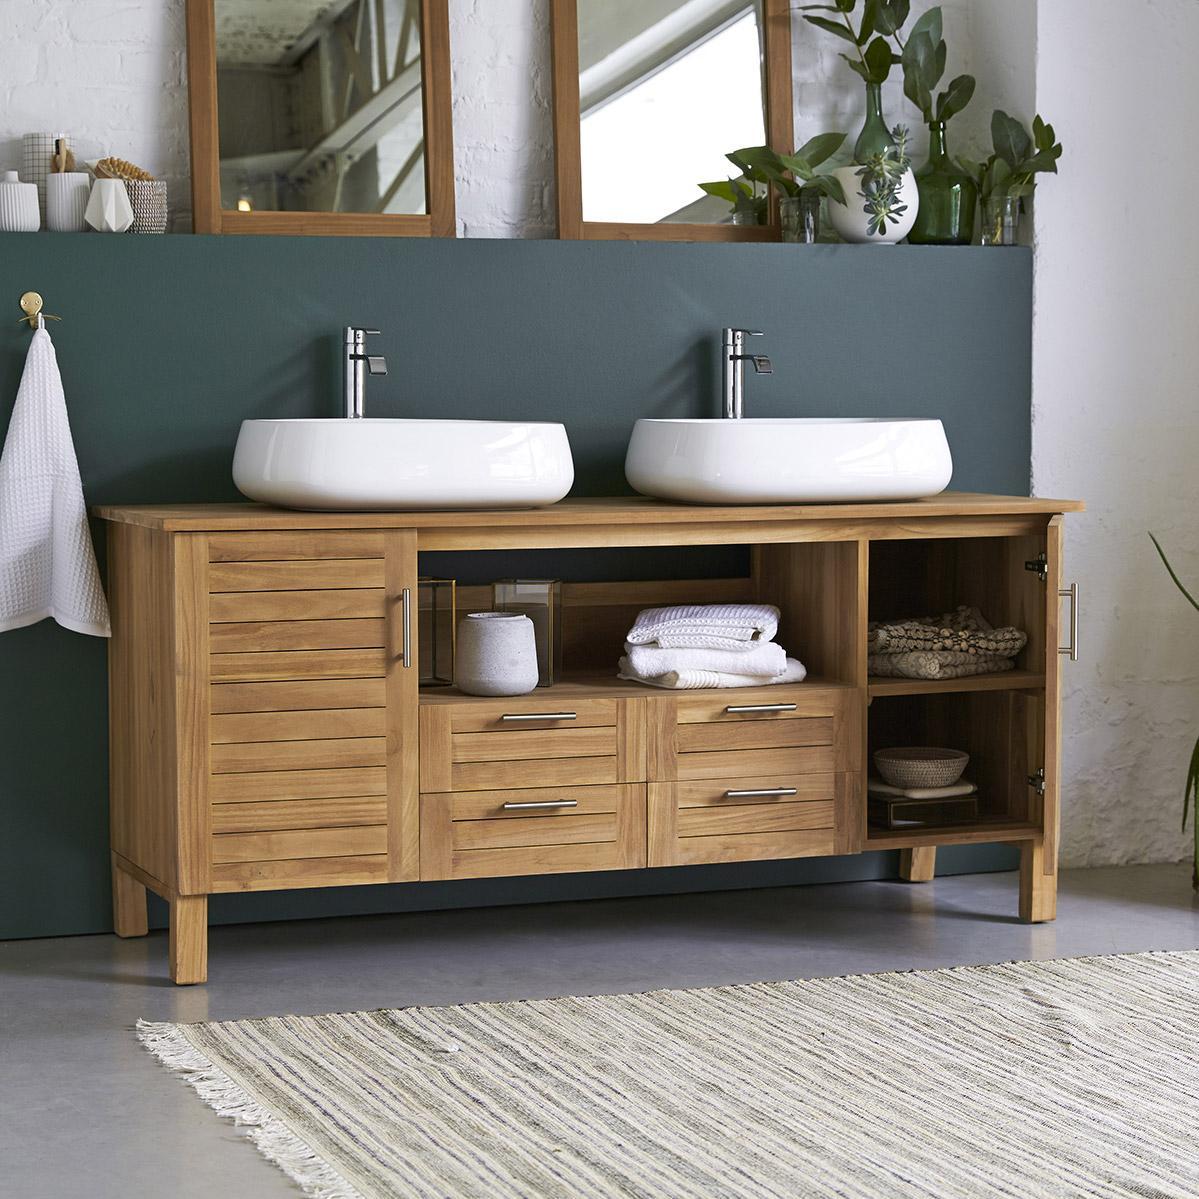 Meuble de salle de bains l.165 x H.75 x P.55 cm, teck, Soho